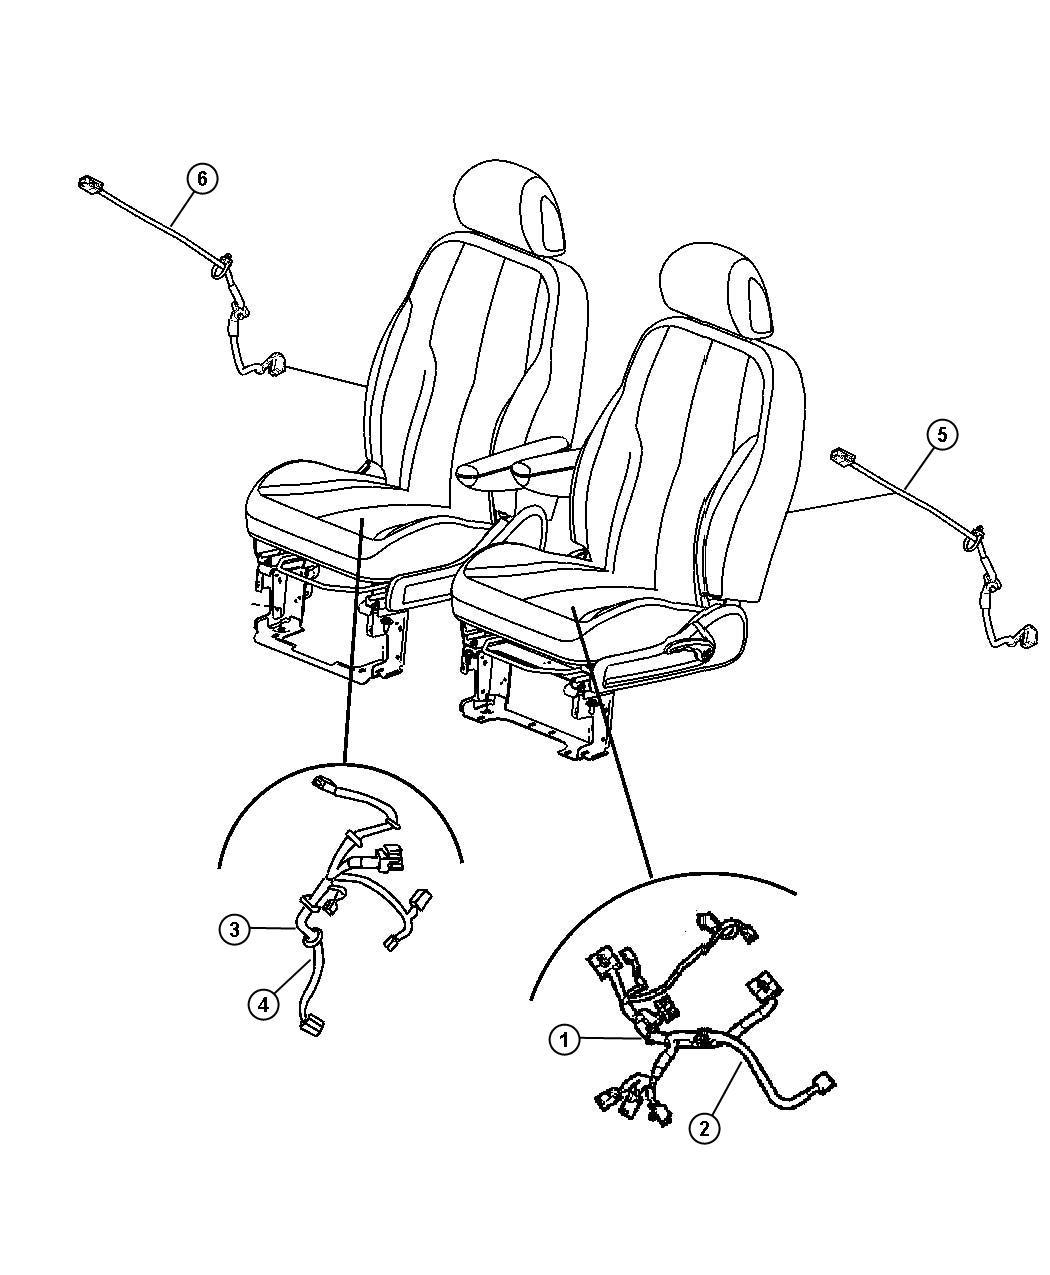 Chrysler Pt Cruiser Wiring Power Seat Drivers Side